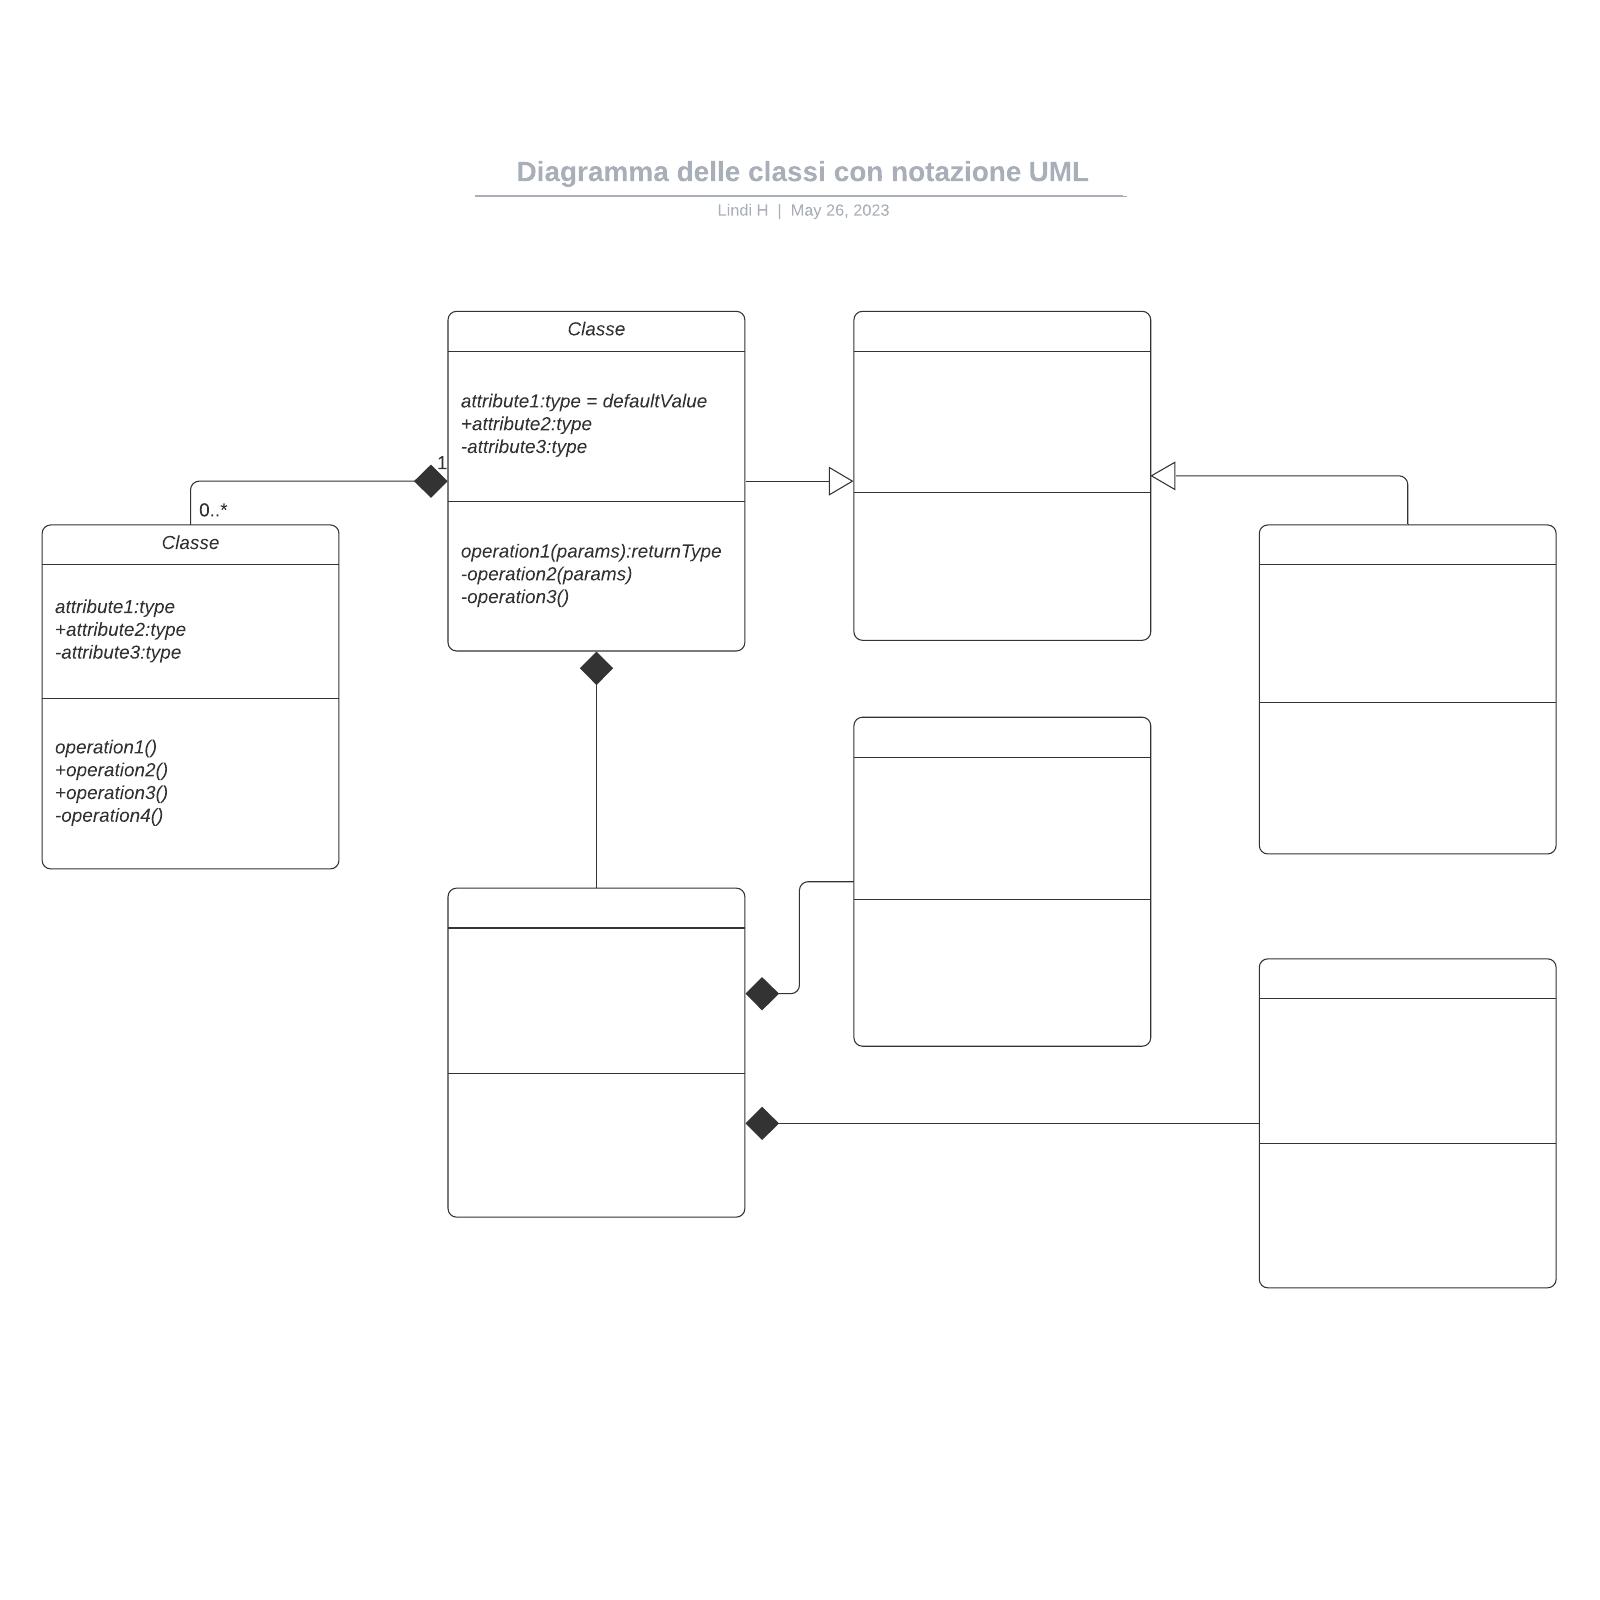 Diagramma delle classi con notazione UML